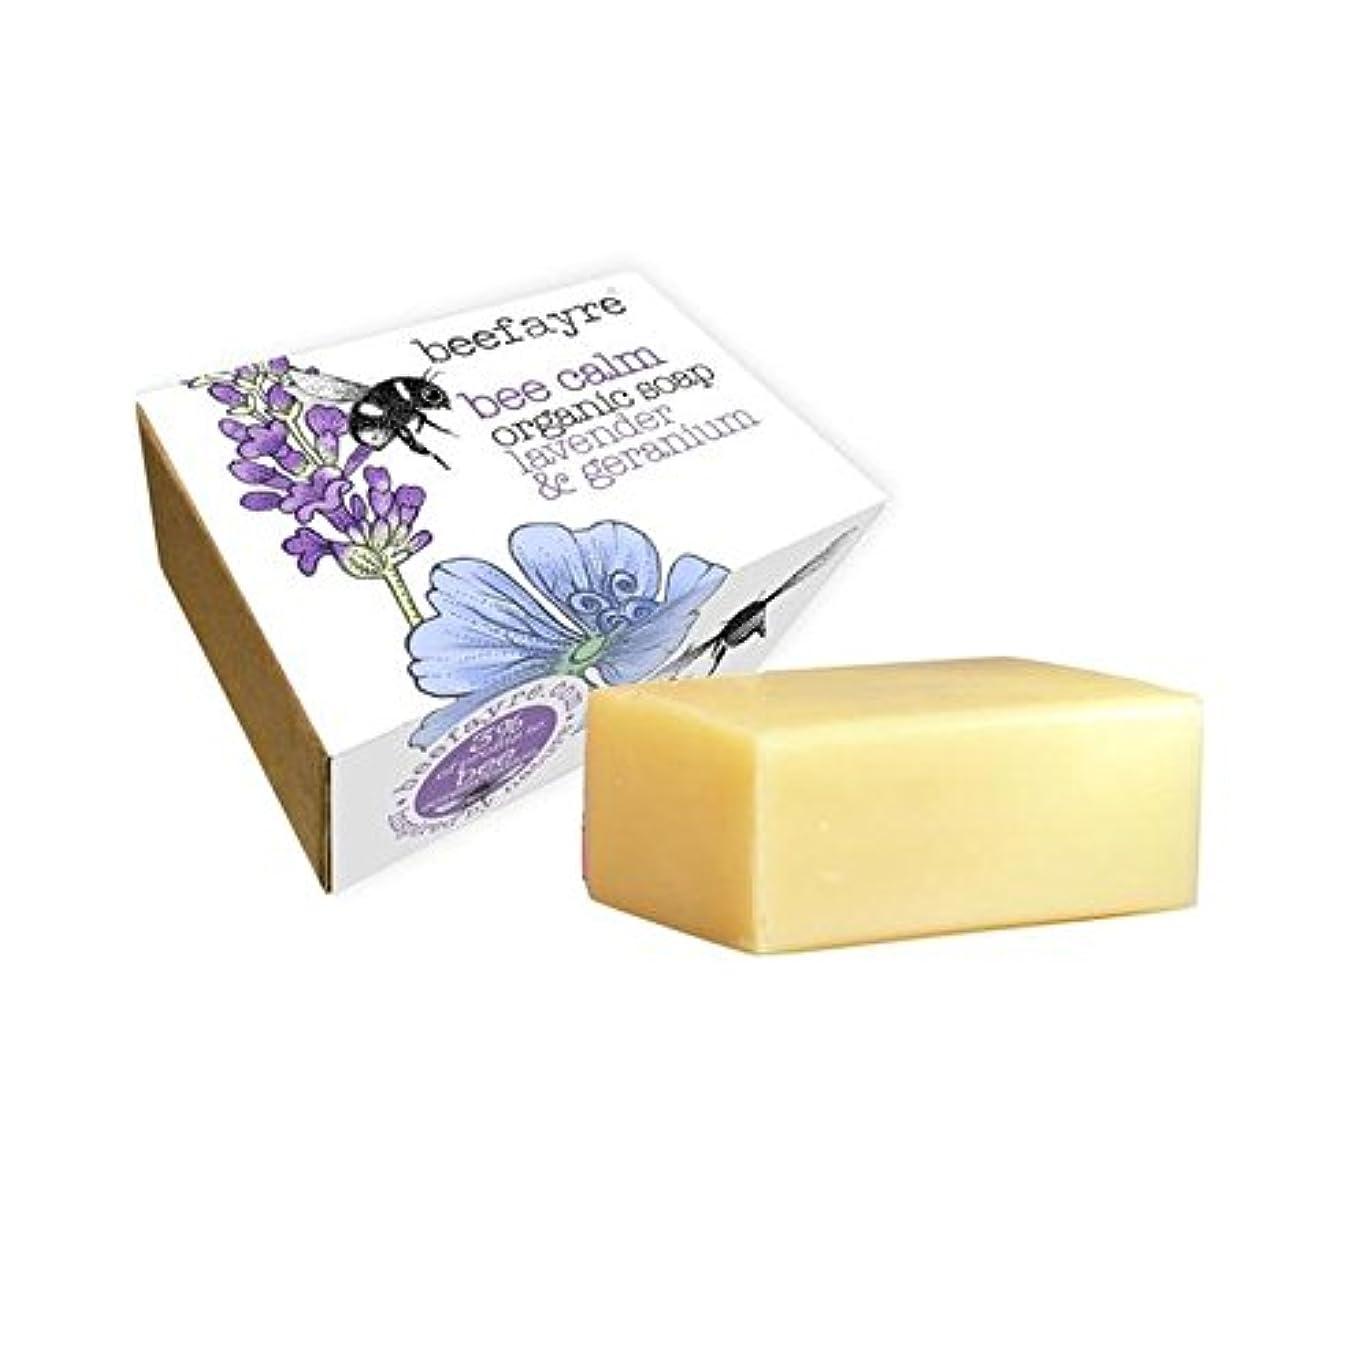 部門粗いぬれたBeefayre Organic Geranium & Lavender Soap (Pack of 6) - 有機ゼラニウム&ラベンダー石鹸 x6 [並行輸入品]